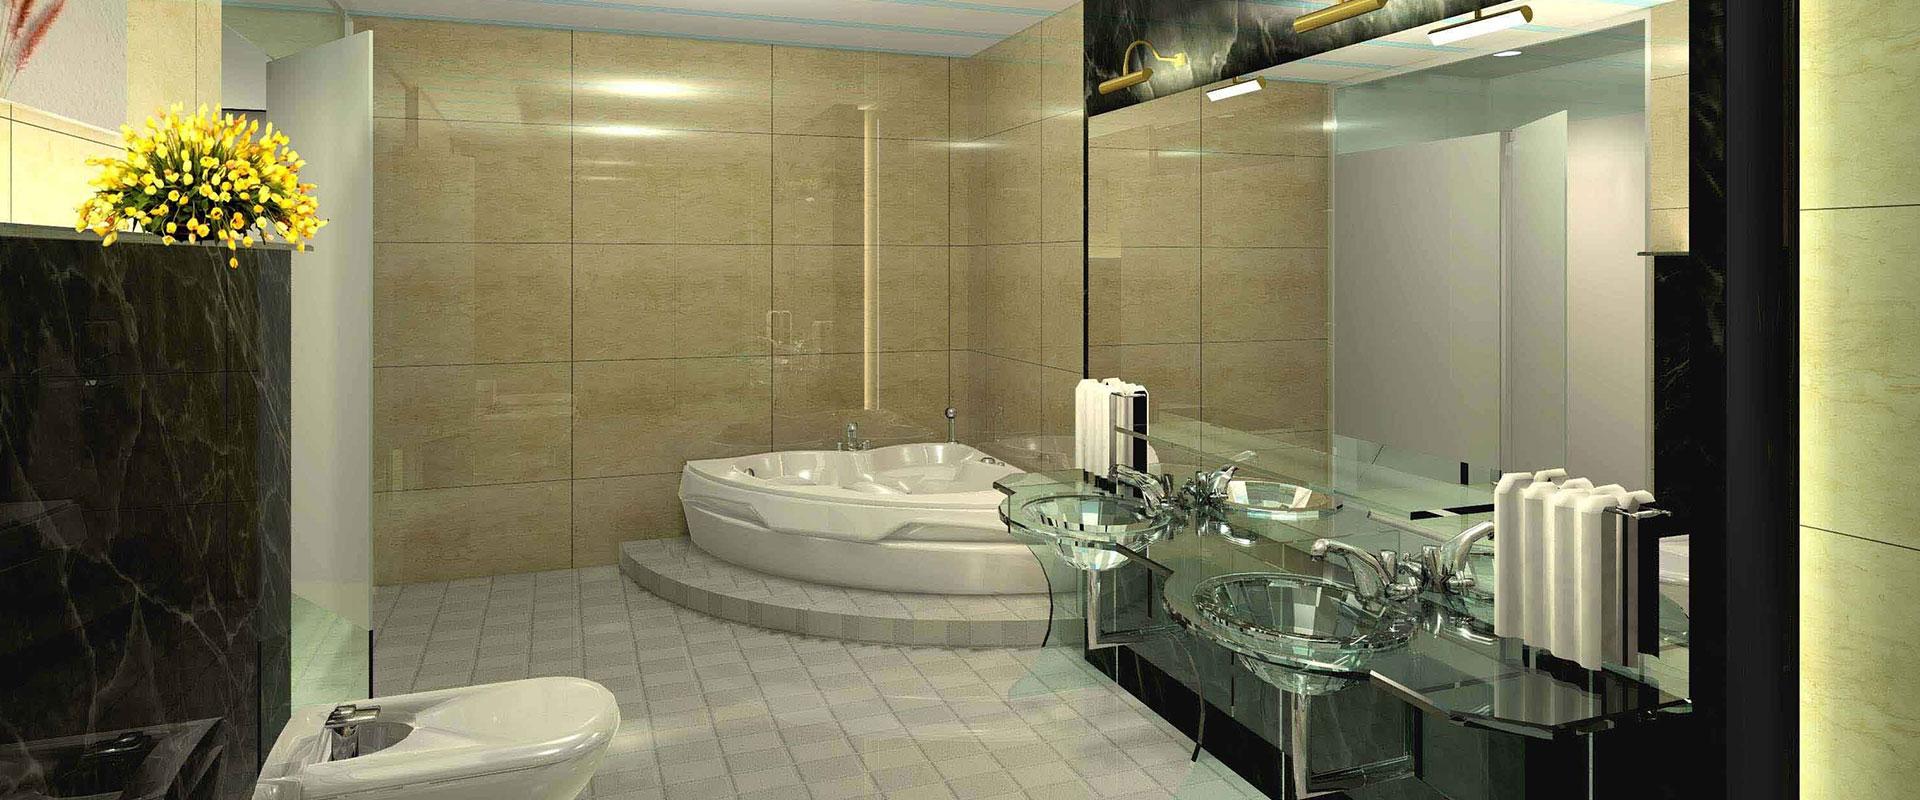 Cuarto de baño habitacion wc lavabo antecedentes Cuenca Tile Home ...